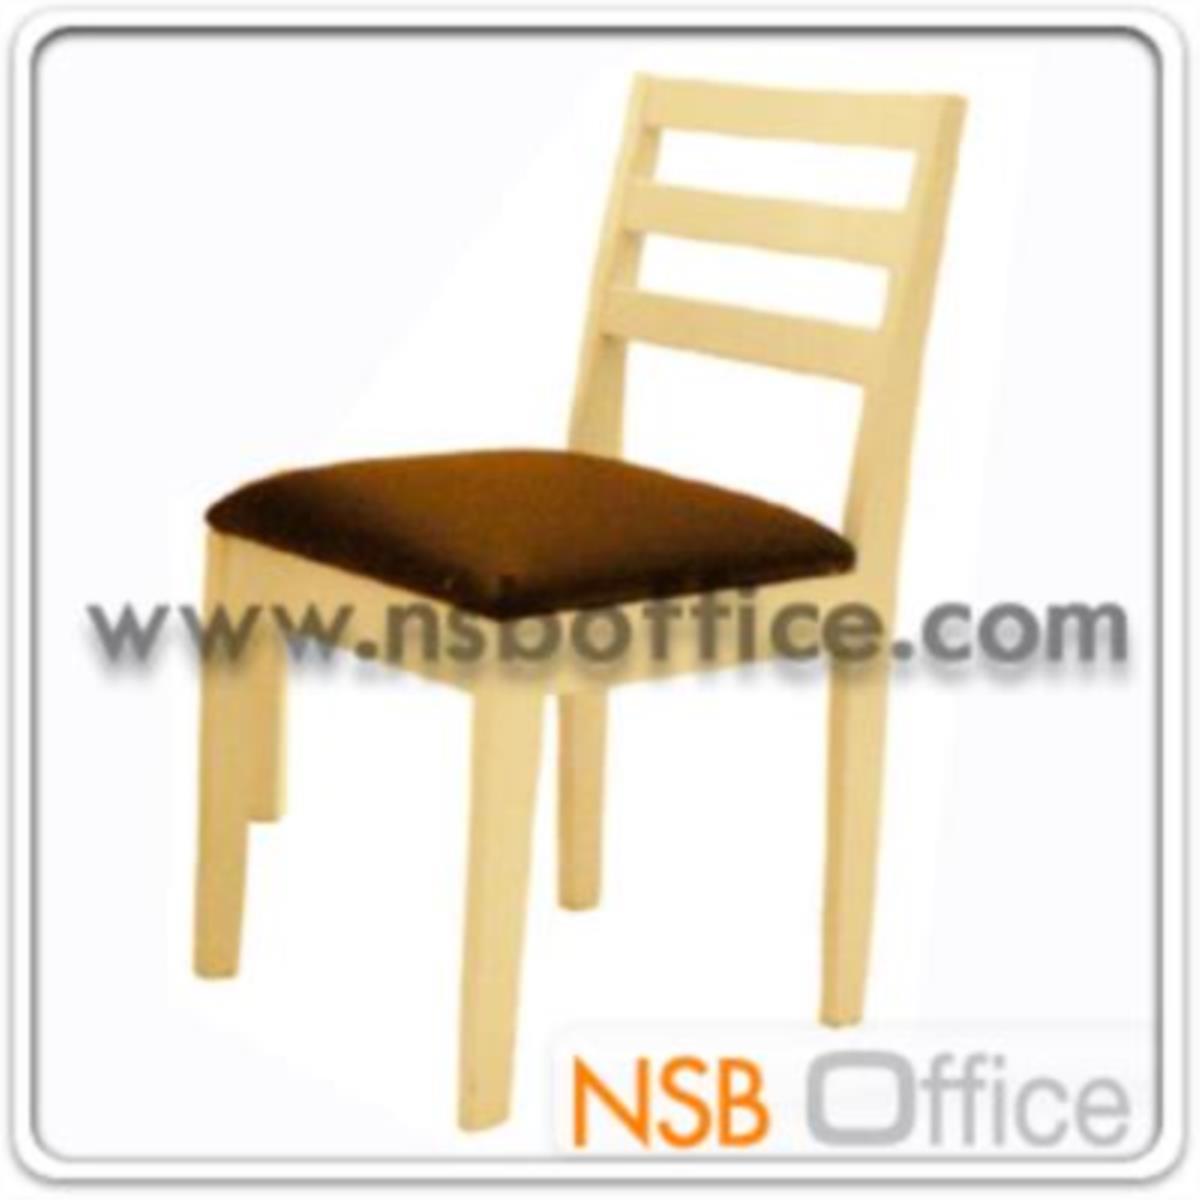 เก้าอี้ไม้ยางพาราที่นั่งหุ้มหนังเทียม รุ่น S1 ขาไม้